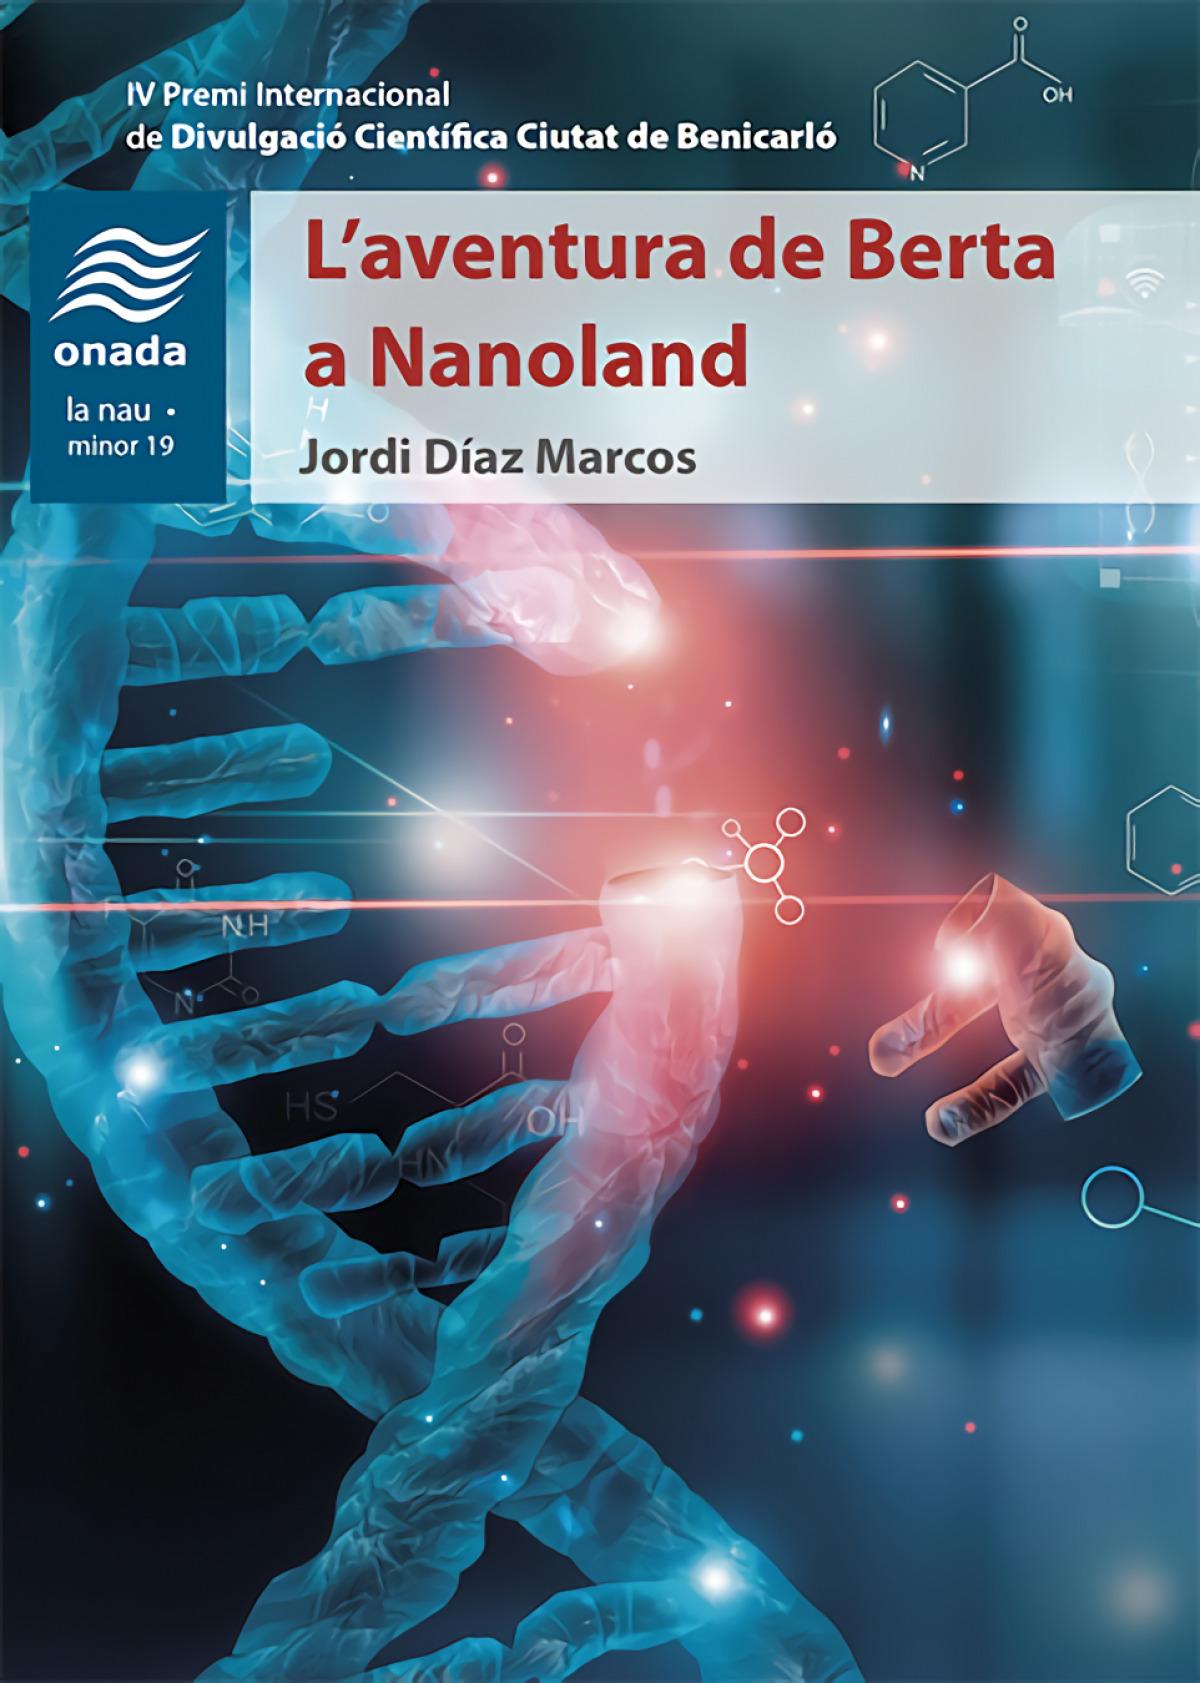 L'aventura de Berta a Nanoland